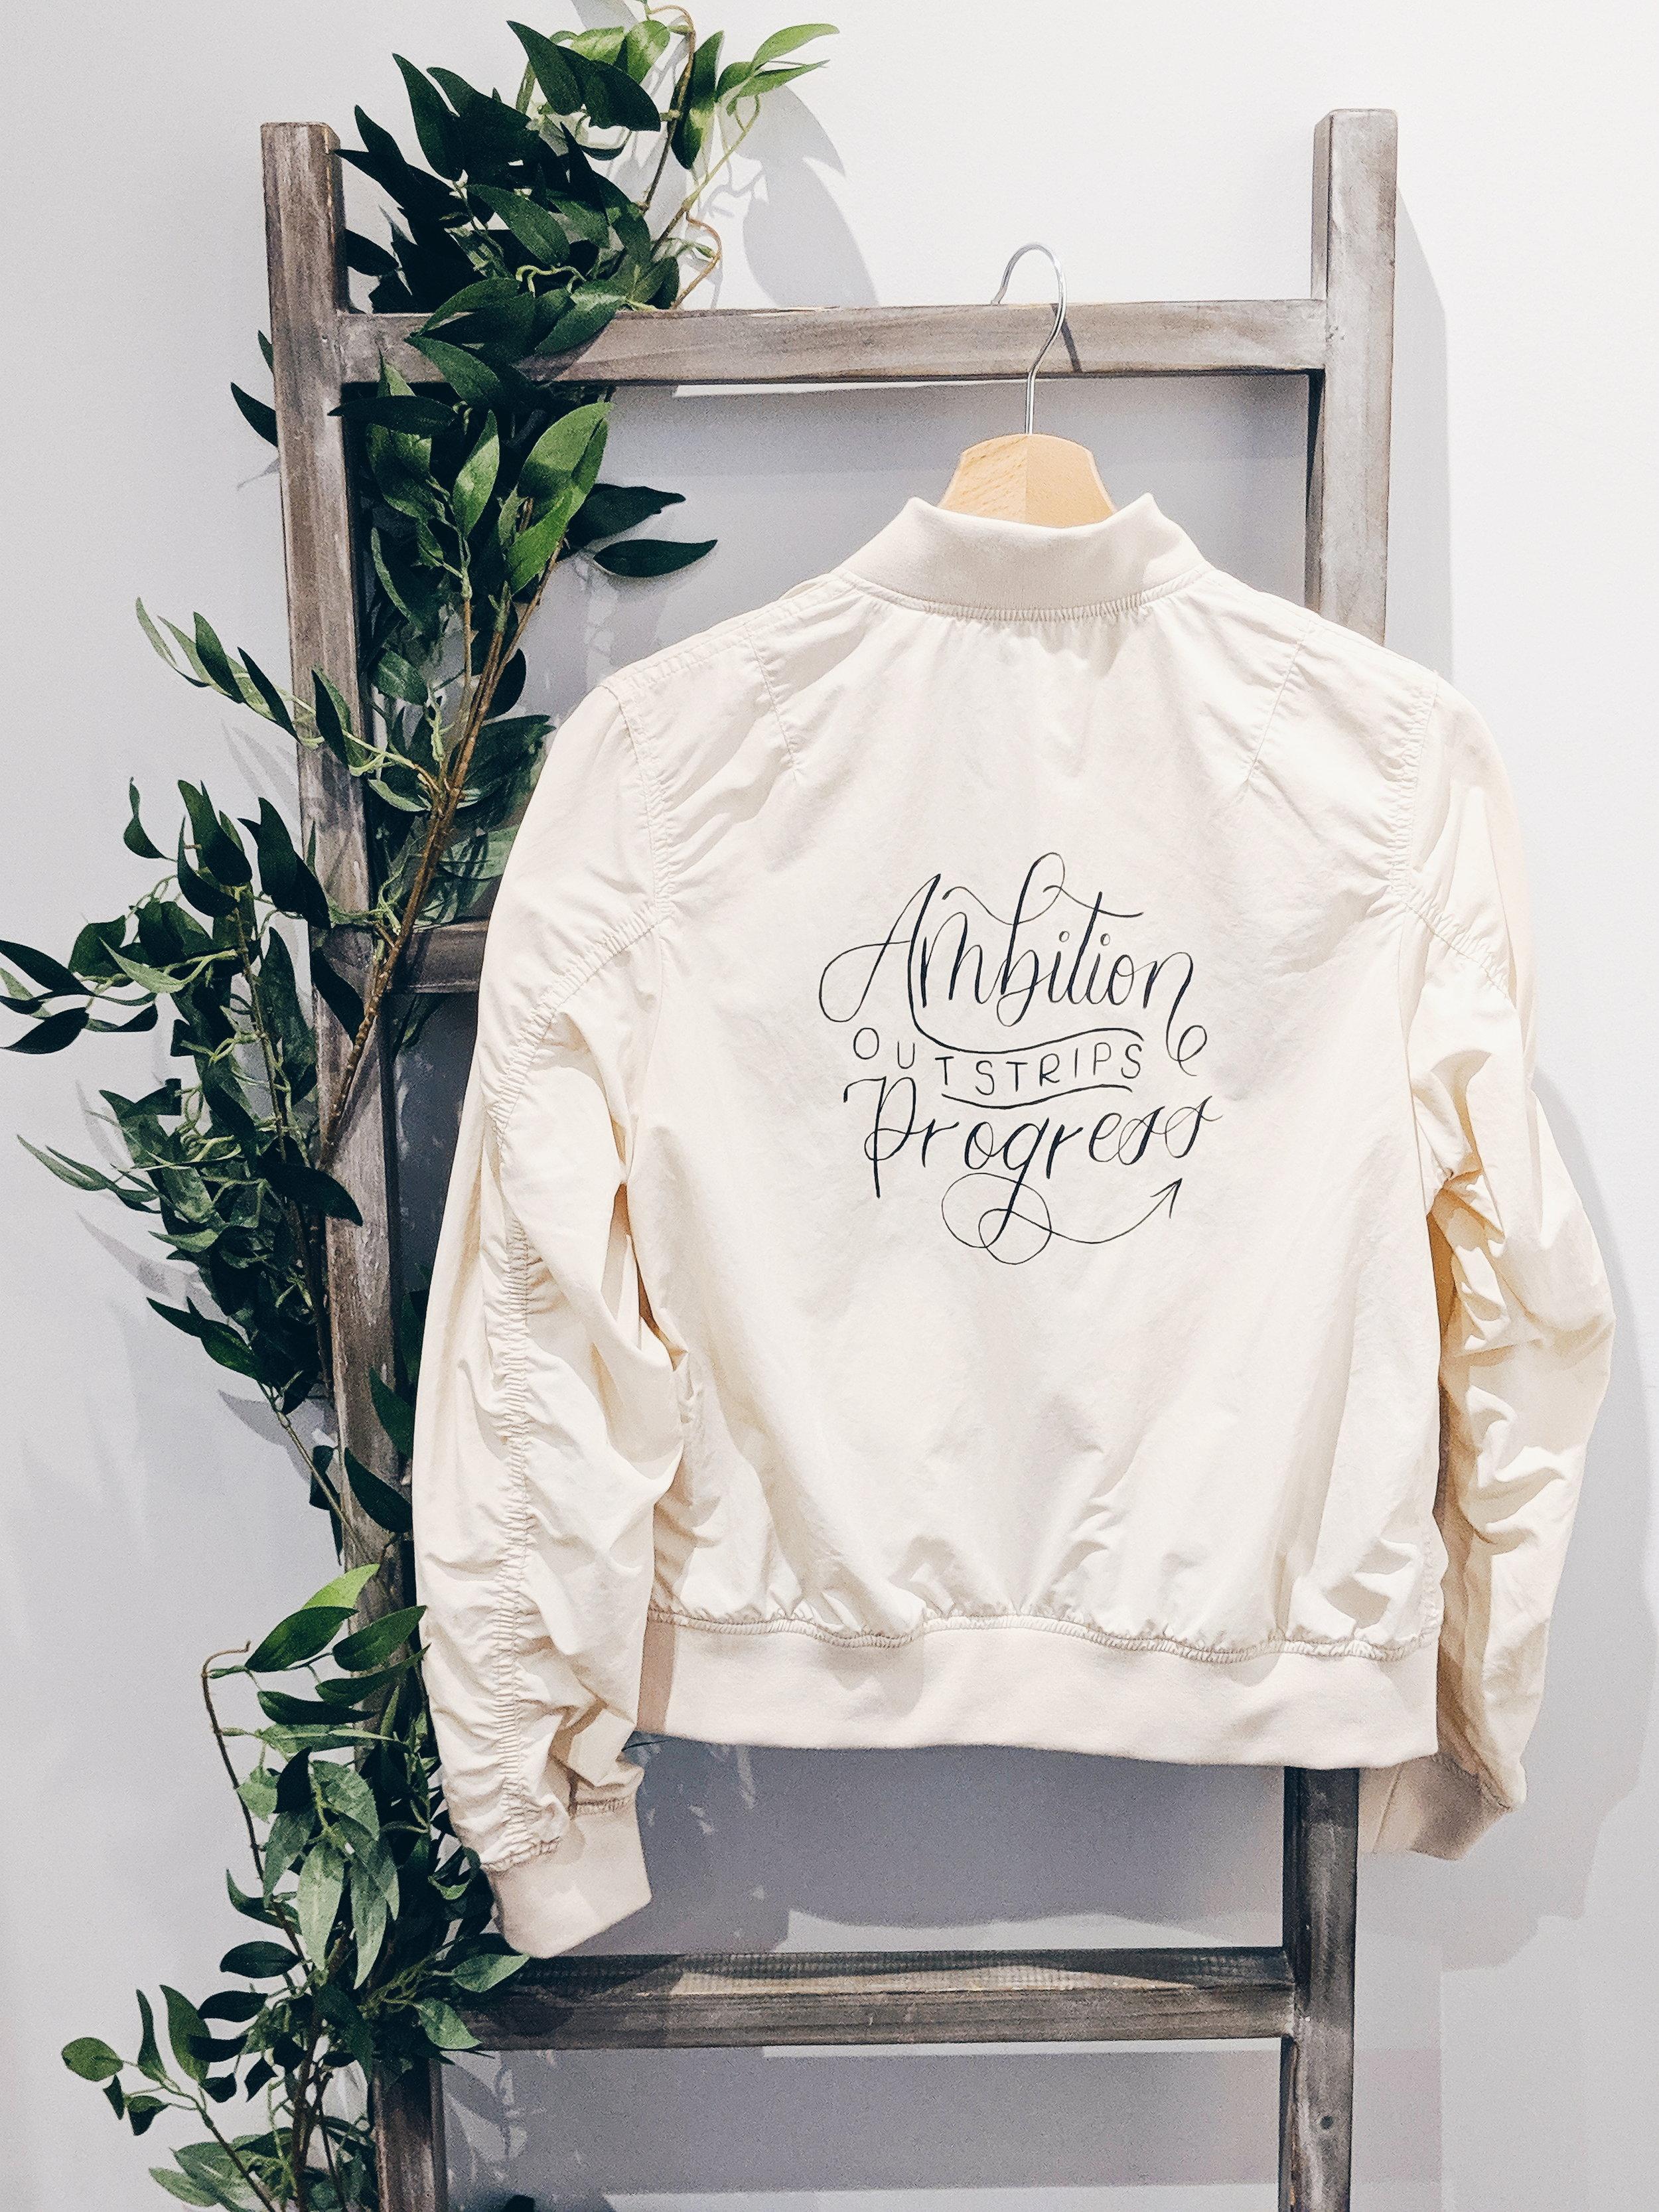 Calligraphy on bomber jacket